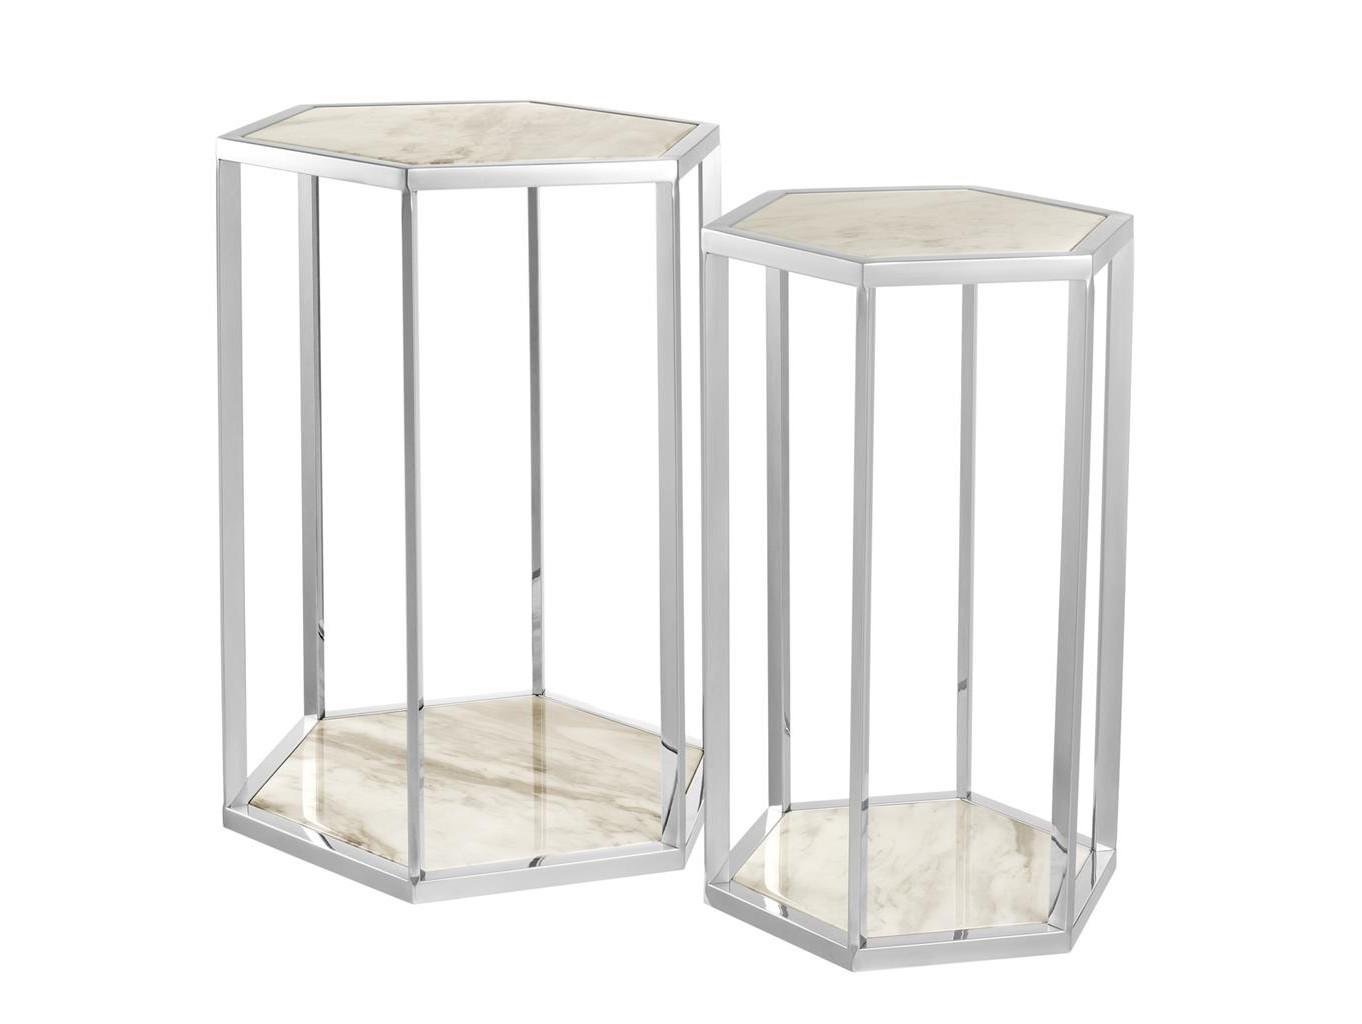 Набор столиков Taro (2 шт)Приставные столики<br>Набор из двух столиков Taro с каркасом из полированной нержавеющей стали.&amp;amp;nbsp;&amp;lt;div&amp;gt;Столешницы из белого мрамора.&amp;amp;nbsp;&amp;lt;/div&amp;gt;&amp;lt;div&amp;gt;Размеры:&amp;amp;nbsp;&amp;lt;/div&amp;gt;&amp;lt;div&amp;gt;&amp;lt;br&amp;gt;&amp;lt;/div&amp;gt;&amp;lt;div&amp;gt;46 x 40 x 60,5 cm&amp;lt;/div&amp;gt;&amp;lt;div&amp;gt;34,5 x 30 x 55,5 cm&amp;amp;nbsp;&amp;lt;/div&amp;gt;<br><br>Material: Мрамор